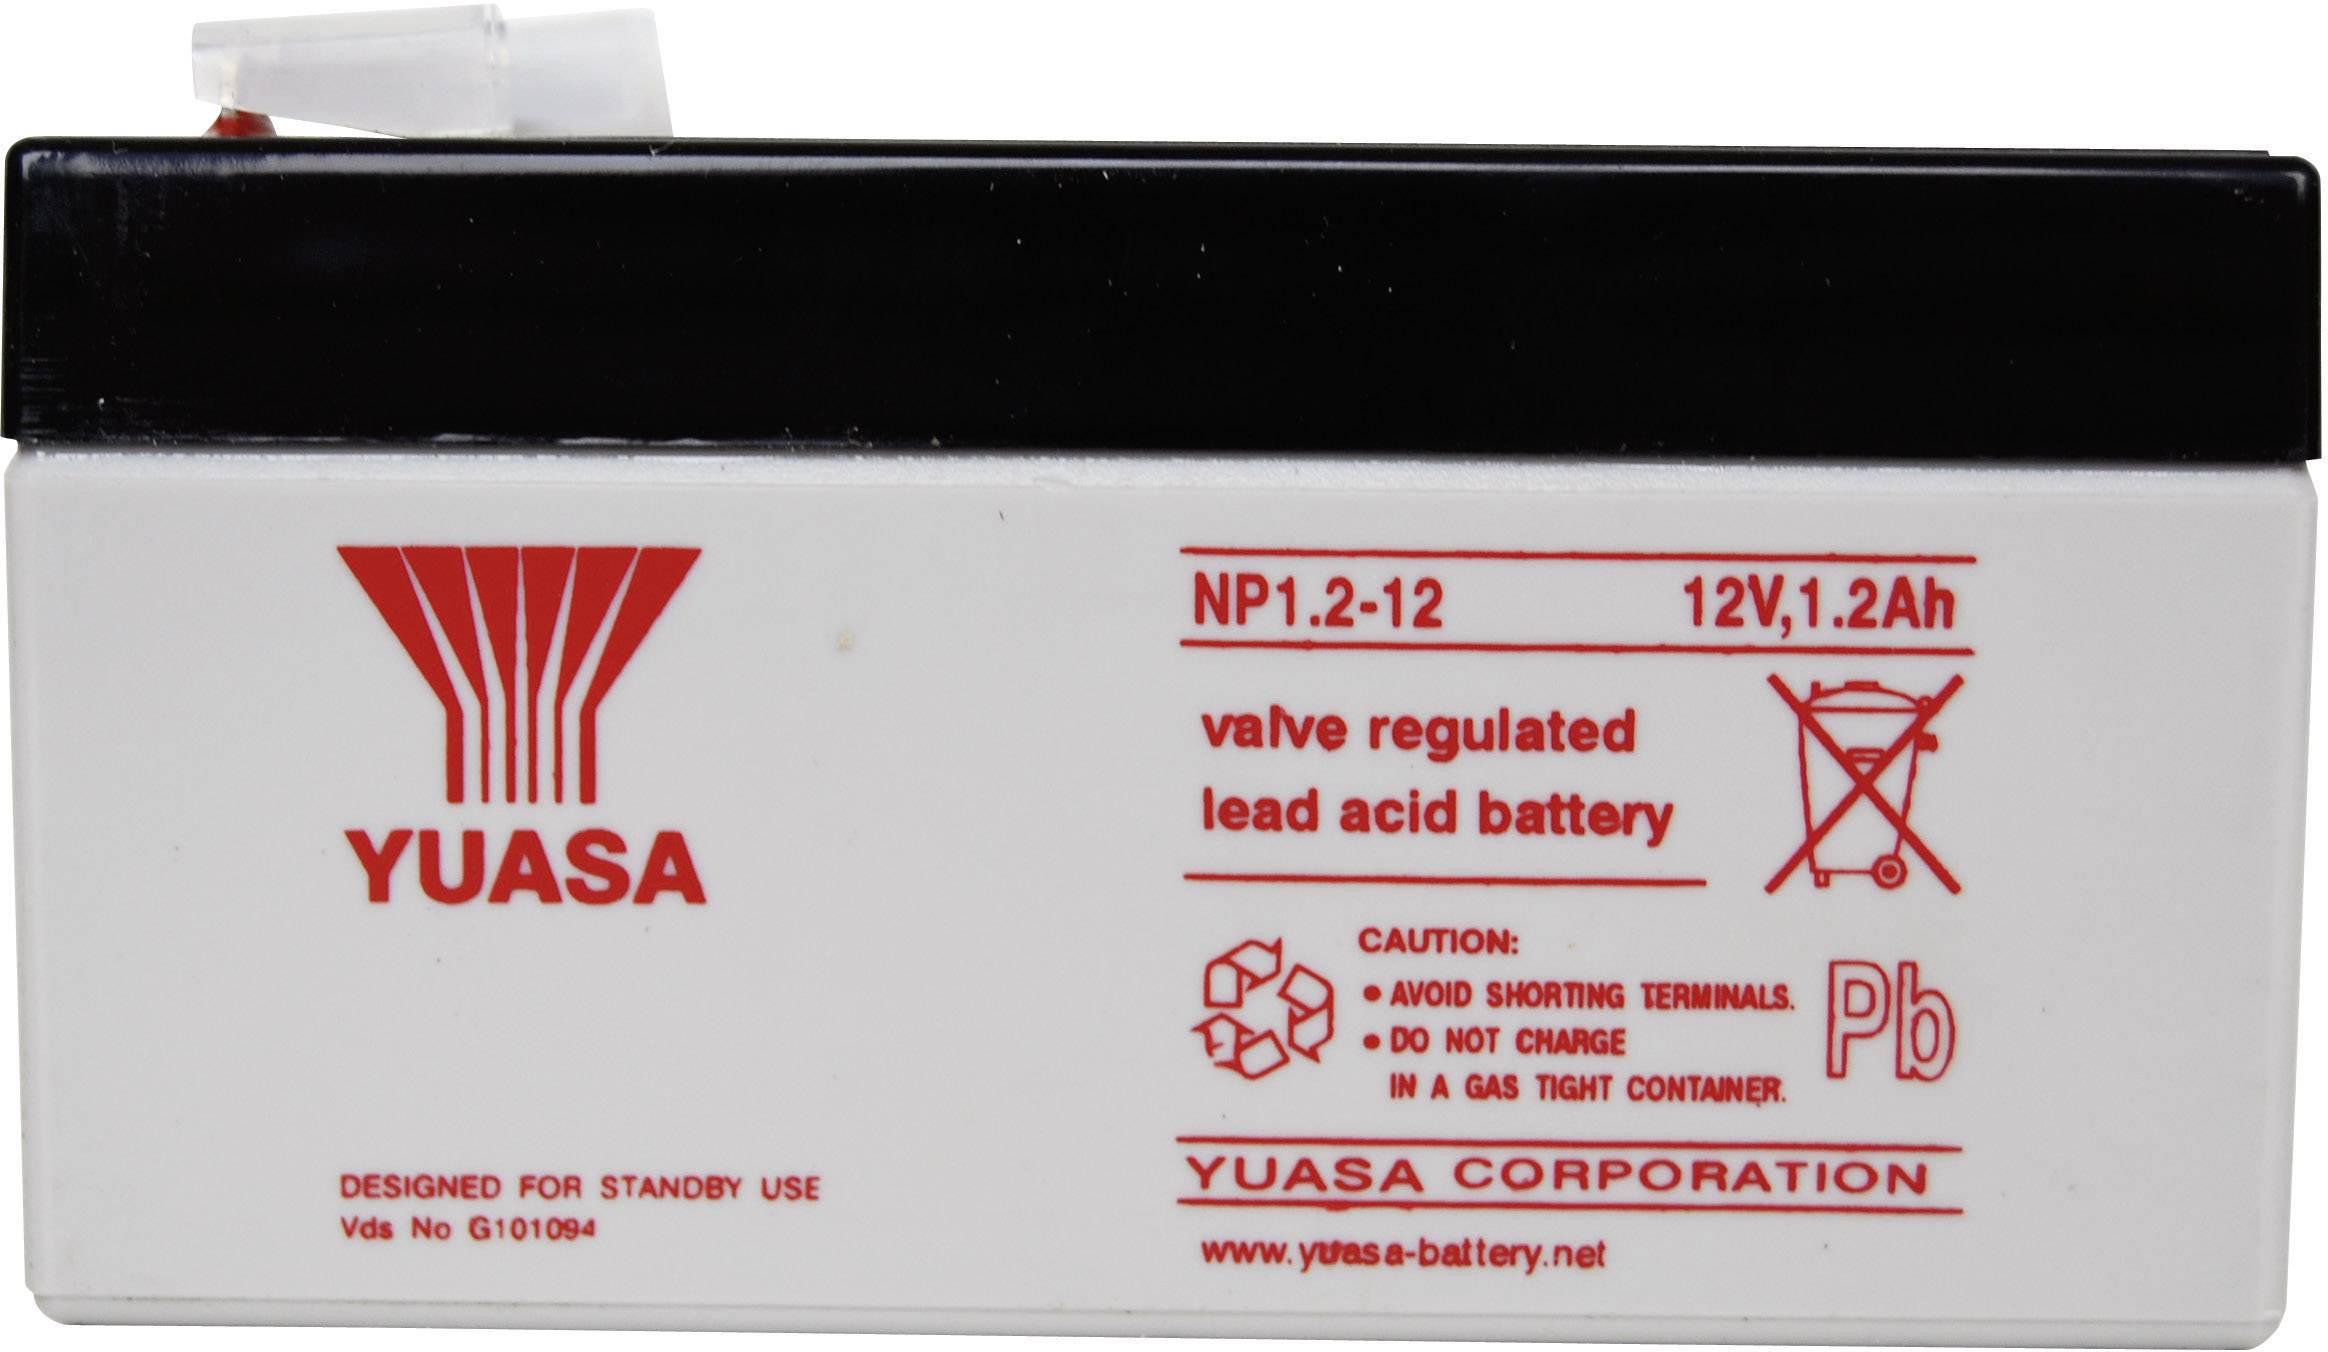 Olovený akumulátor Yuasa NP1.2-12 NP1.2-12, 1.2 Ah, 12 V